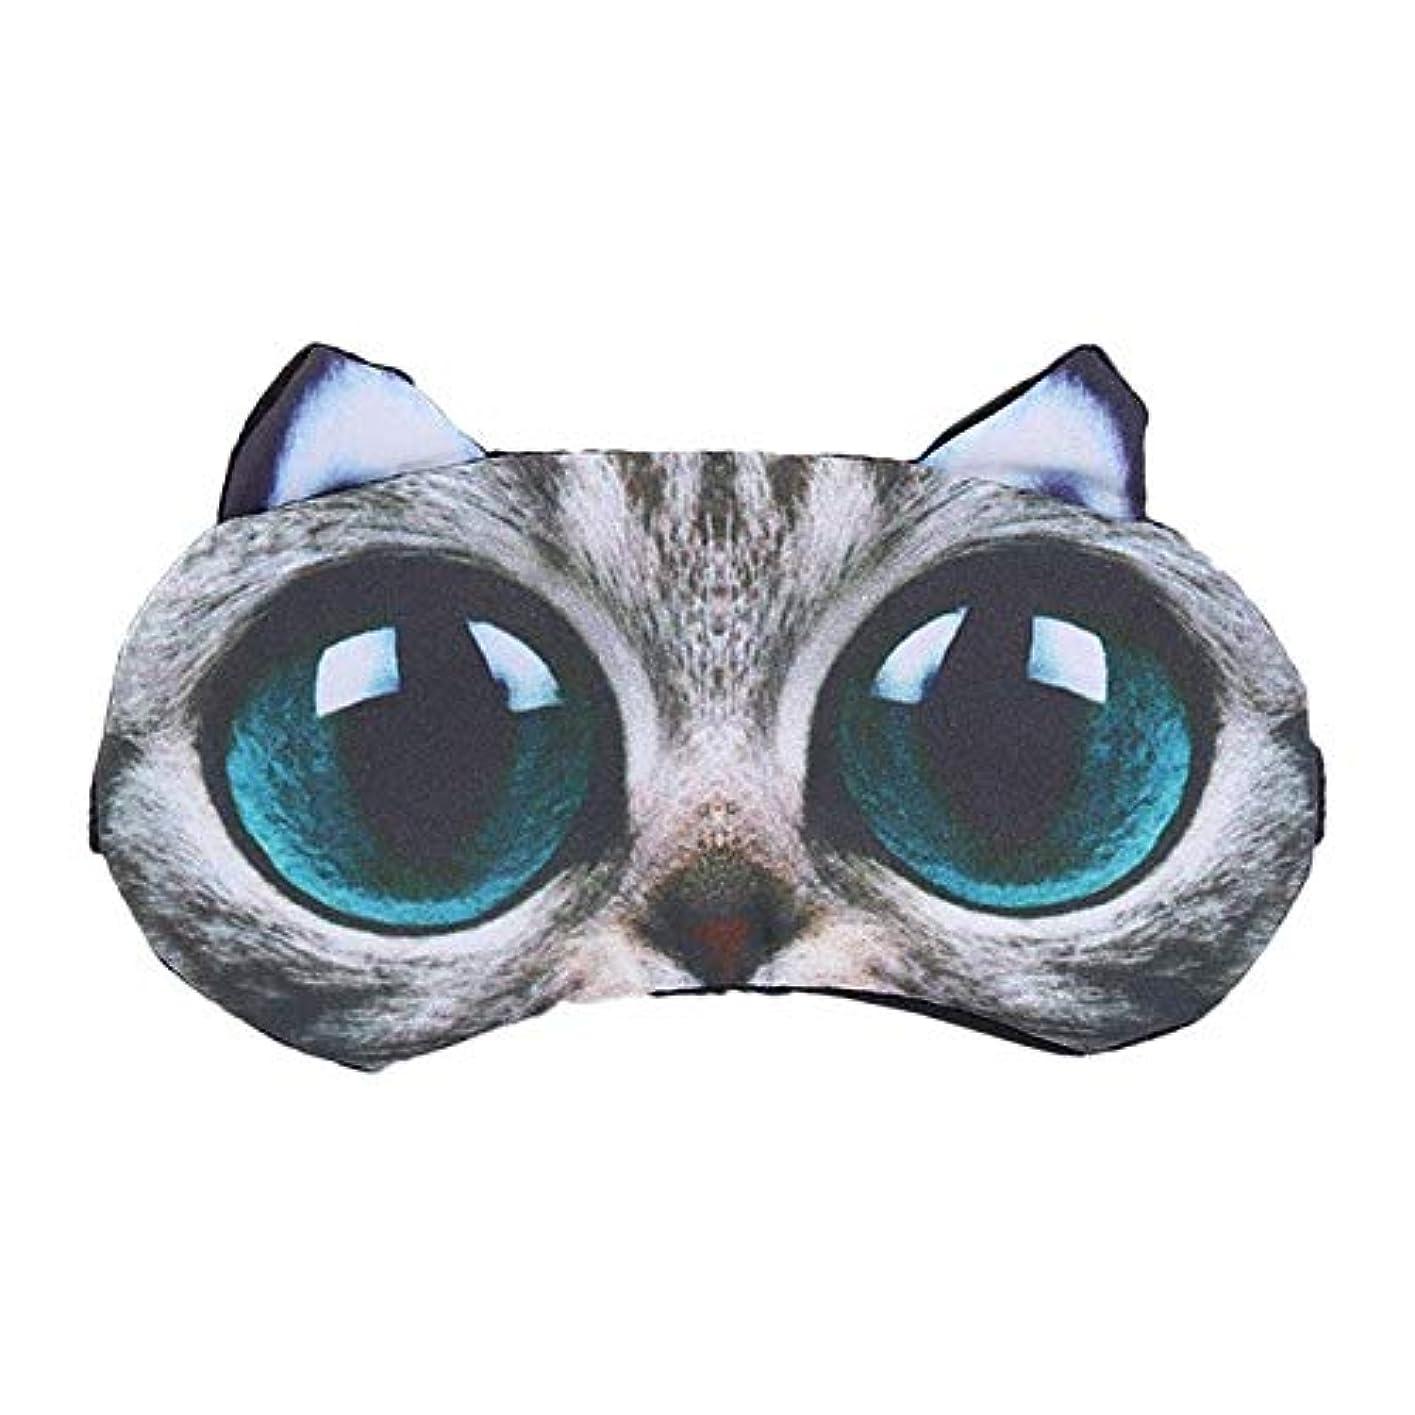 振動させる土器突撃NOTE 3dビッグアイズ猫マスク漫画動物睡眠目隠し綿冷却アイシェード用旅行ホームオフィス残り